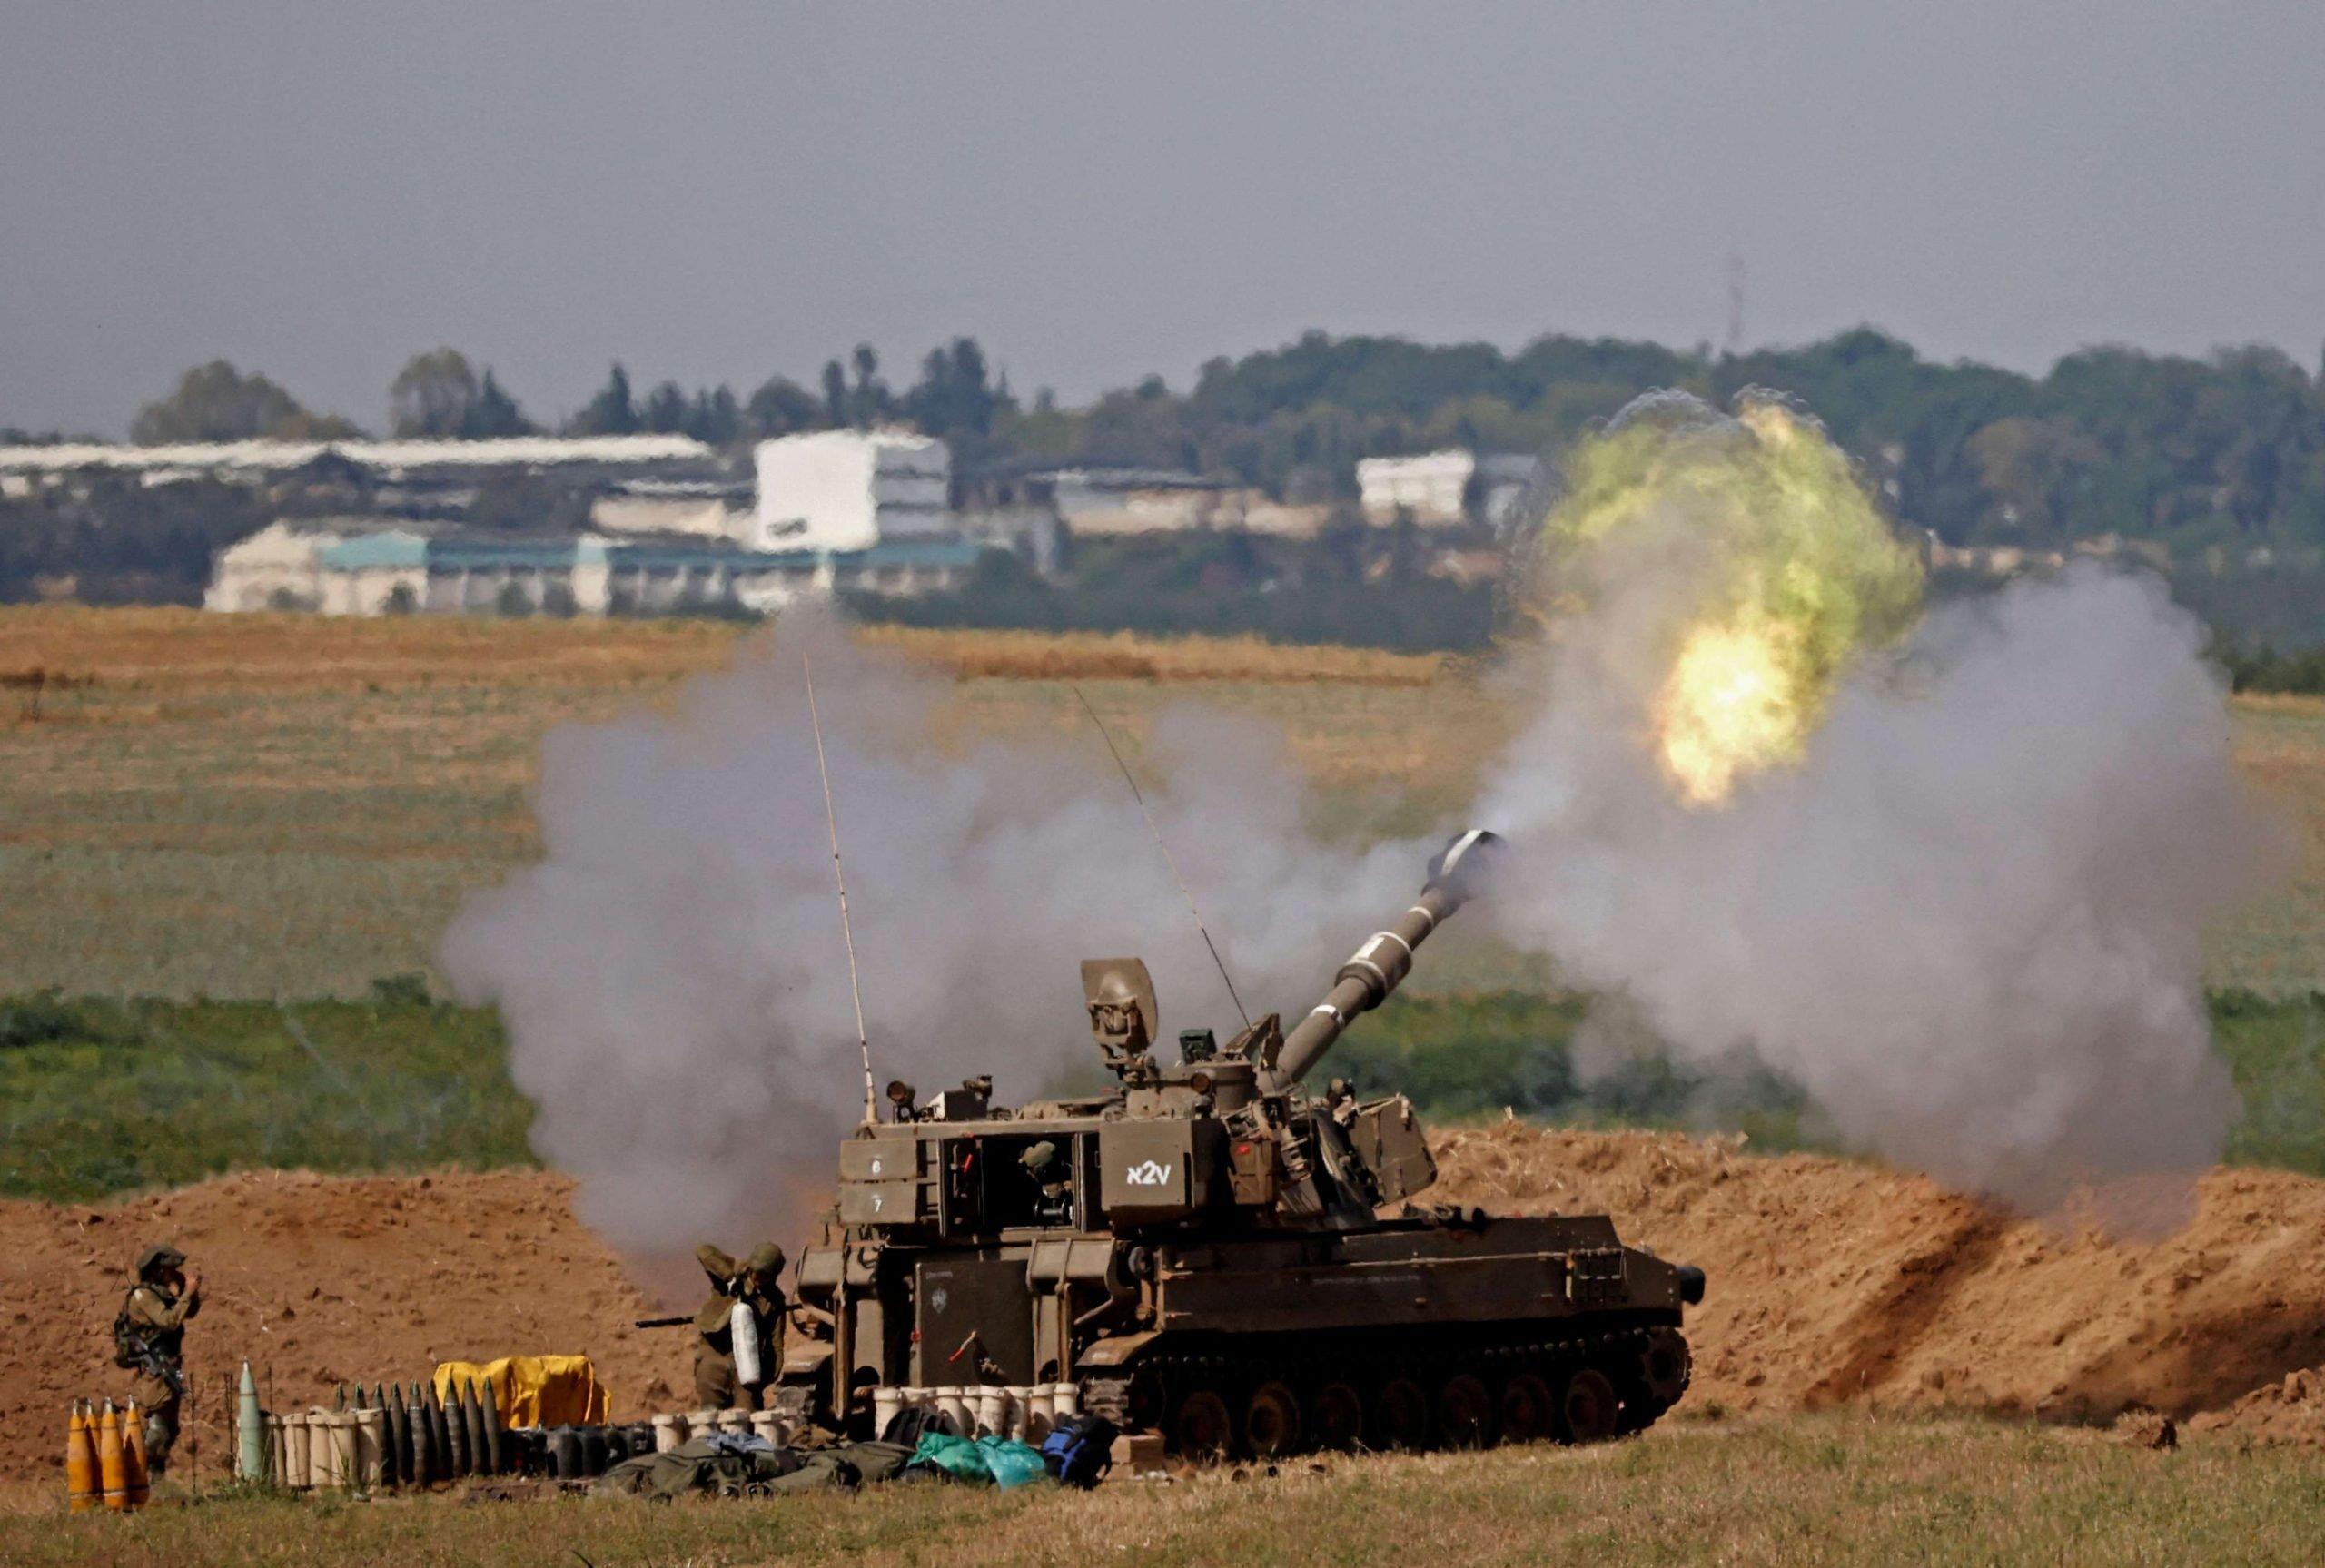 مؤرخ يهودي: إسرائيل تلعب دور الضحية وهي الجاني